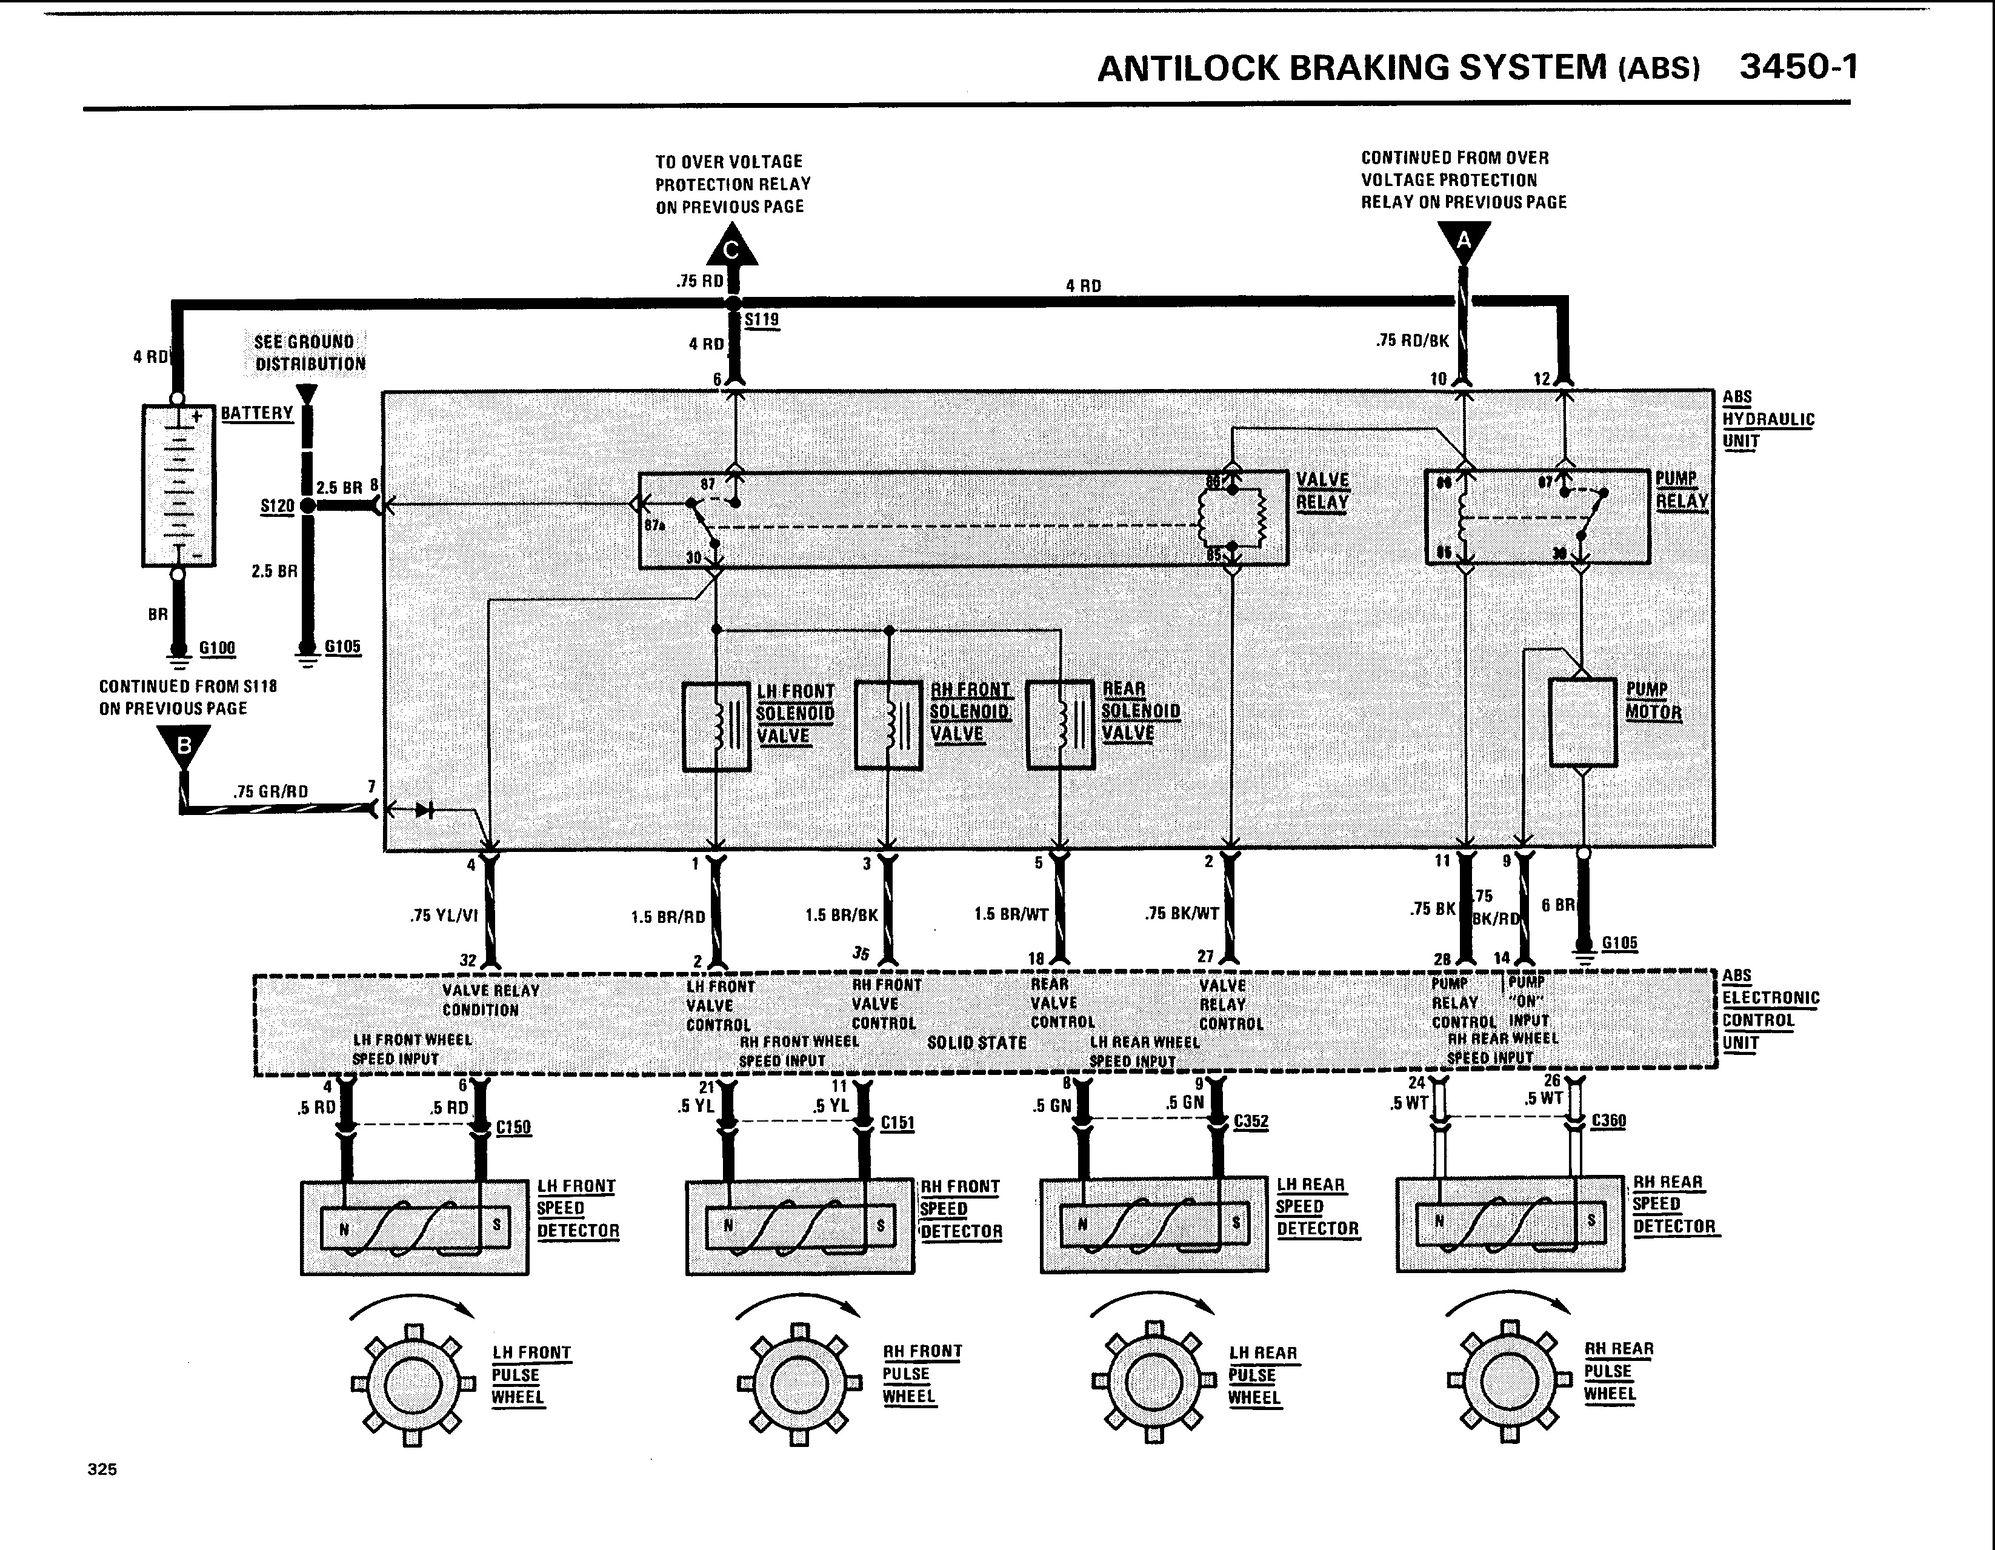 hight resolution of 1990 ford tempo hvac diagram moreover porsche cayman engine diagram 1990 ford tempo hvac diagram moreover porsche cayman engine diagram